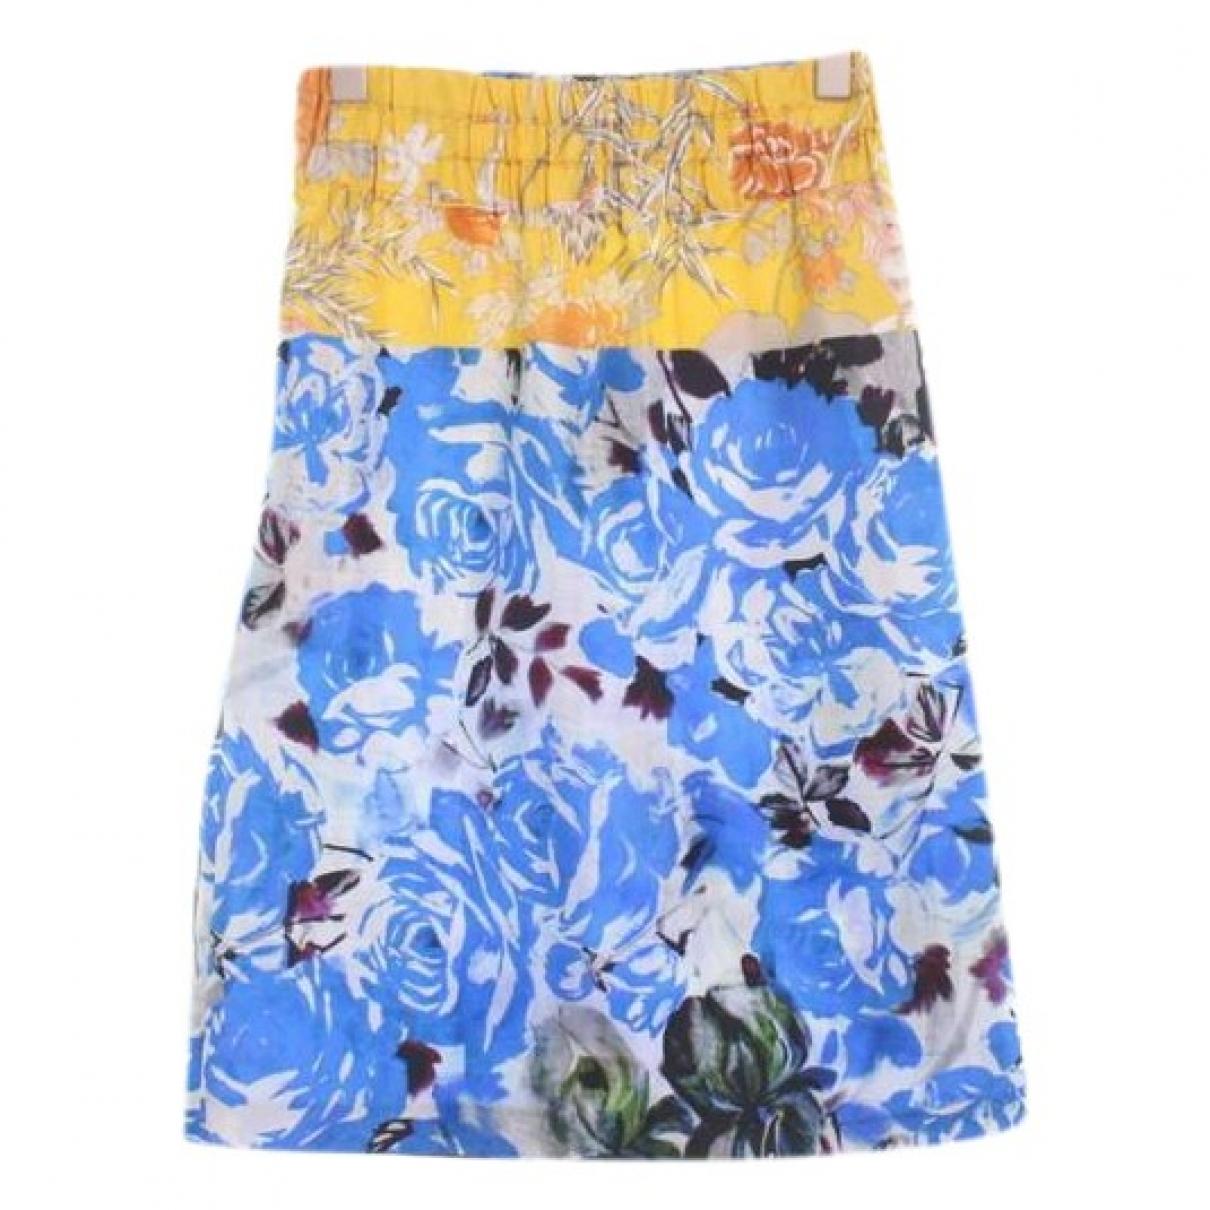 Dries Van Noten \N Blue Silk skirt for Women 34 IT